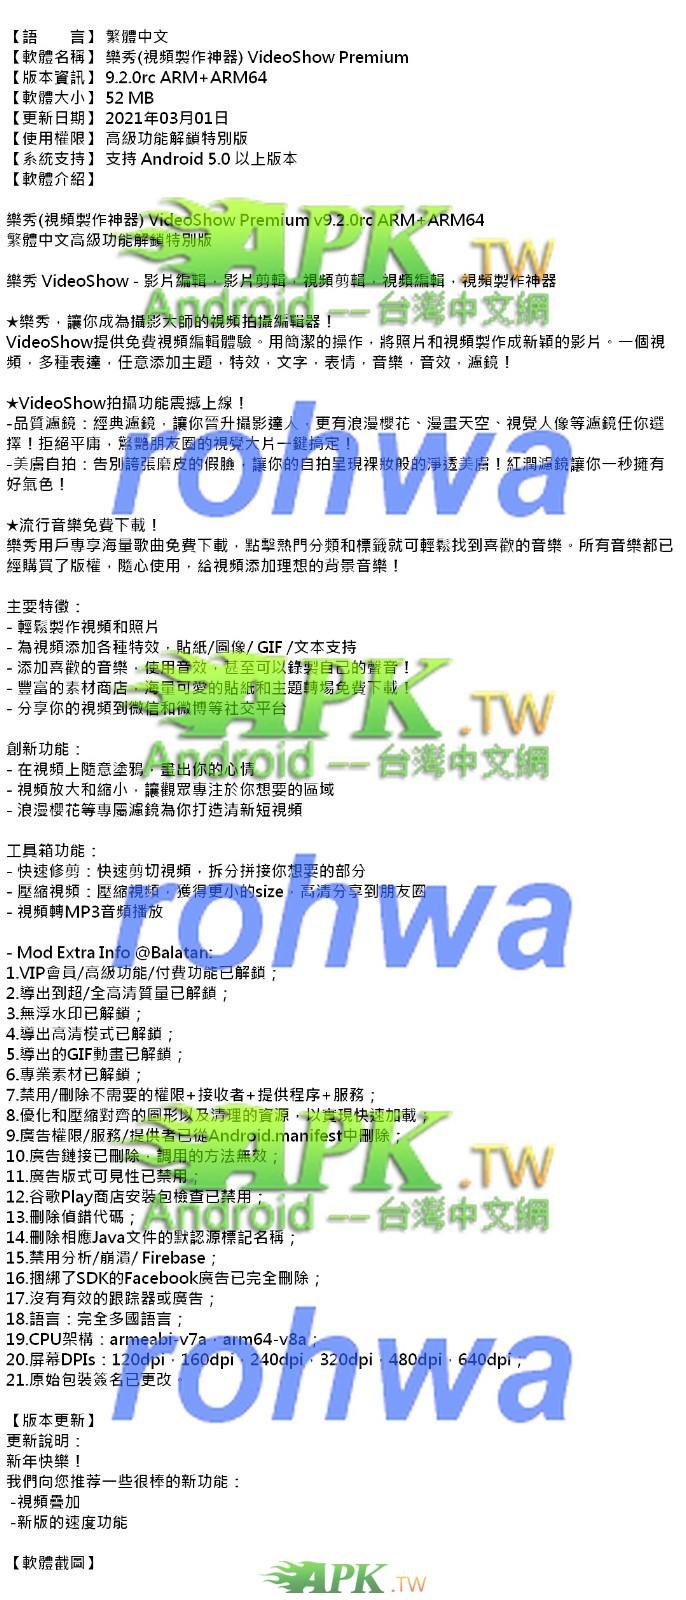 VideoShow_Premium_9.2.0rc_.jpg